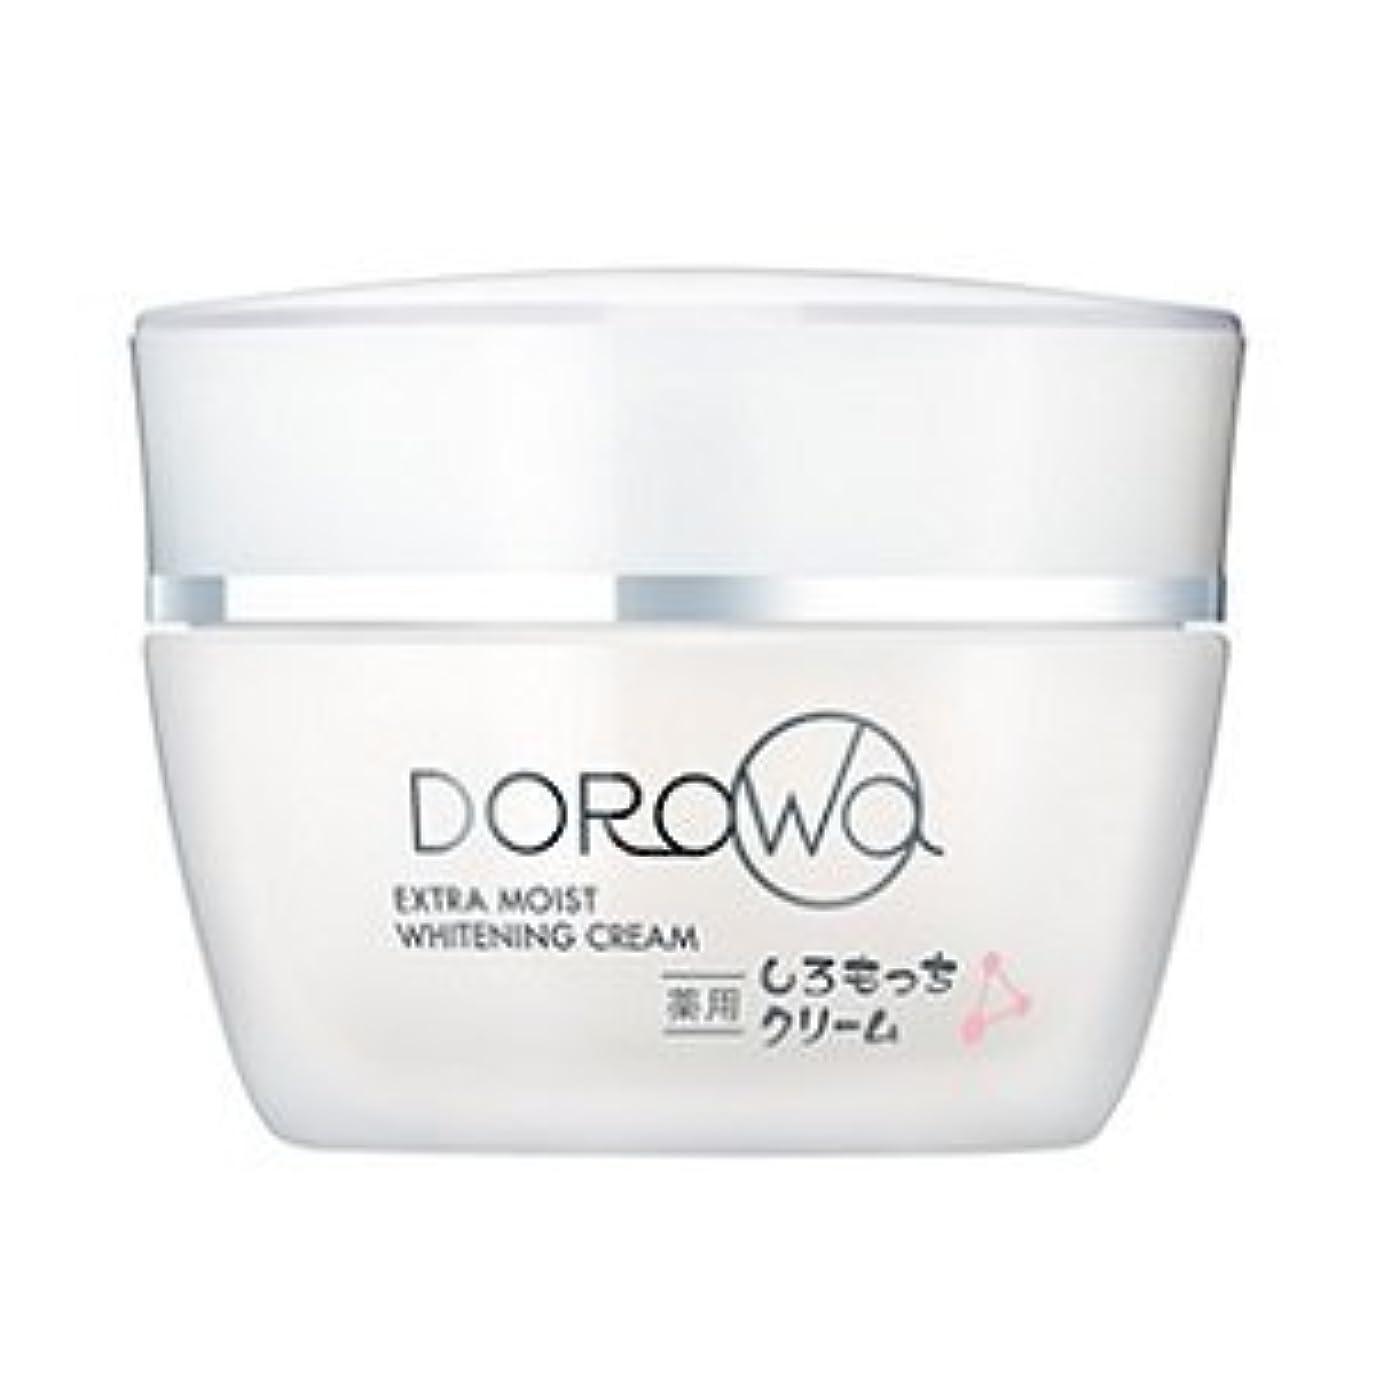 豪華なあまりにもチャネル健康コーポレーション DOROwa 薬用 しろもっちクリーム 60g